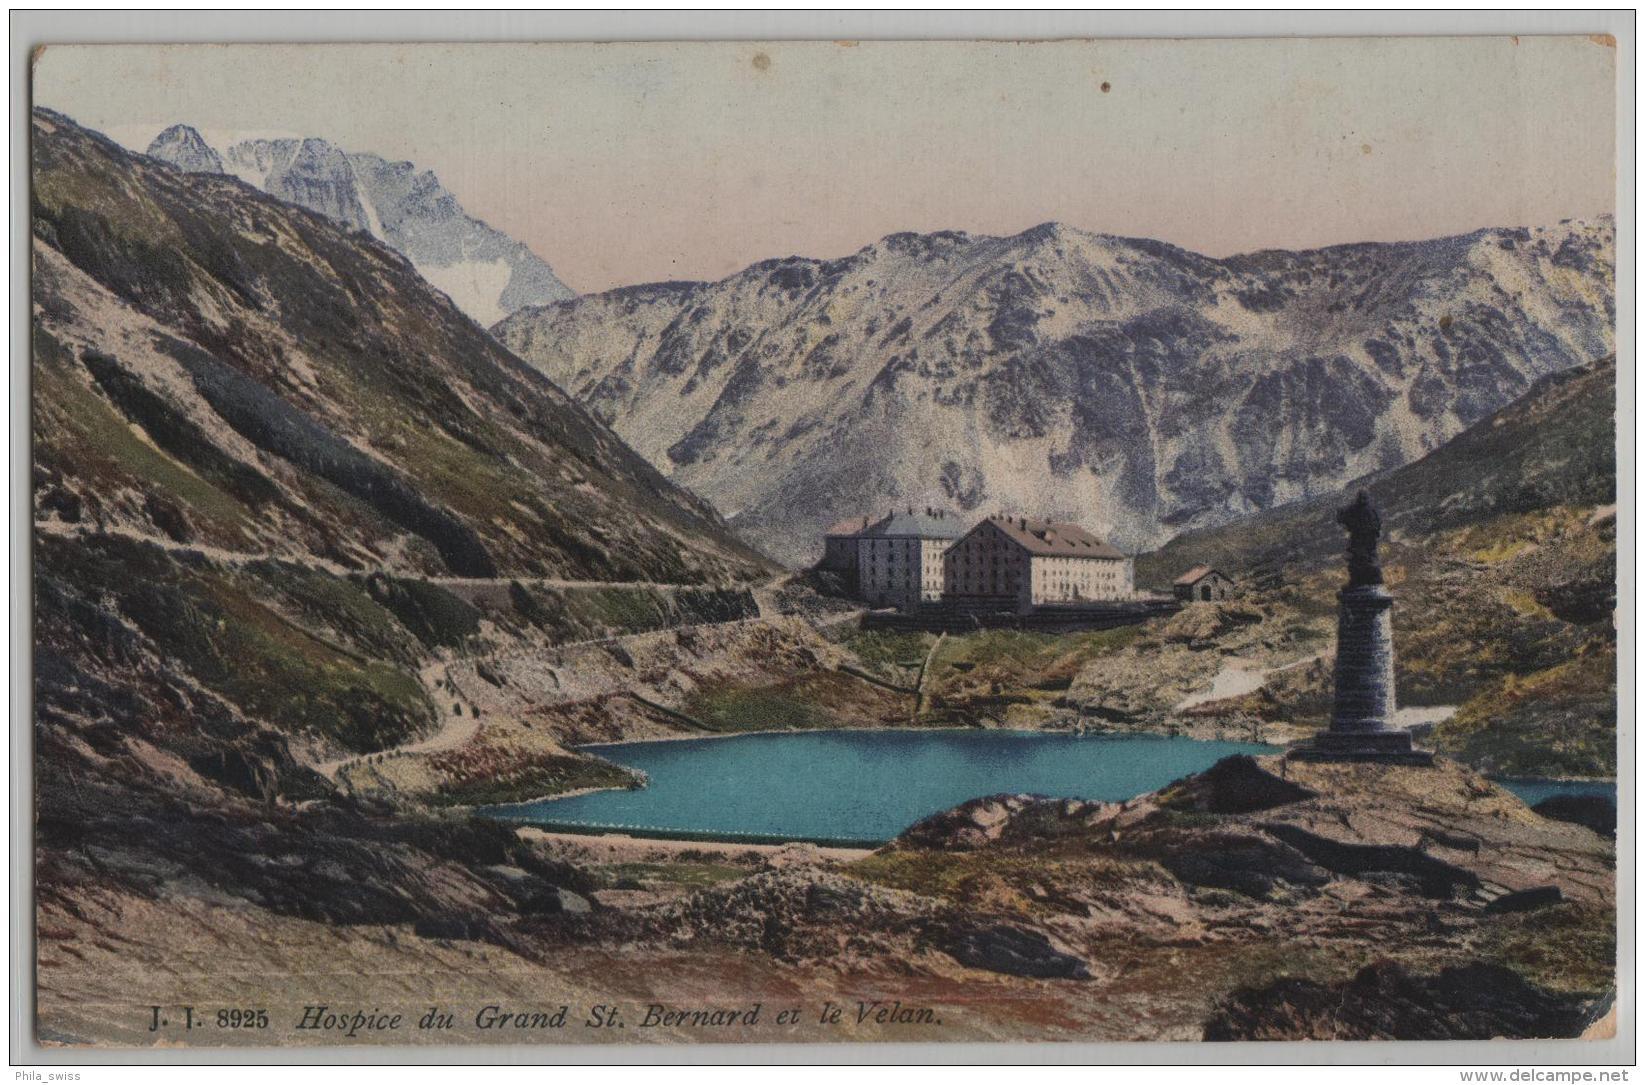 Hospice Du Grand St. Bernard Et Le Velan - Photo: Jullien Freres No. 8925 - VS Valais